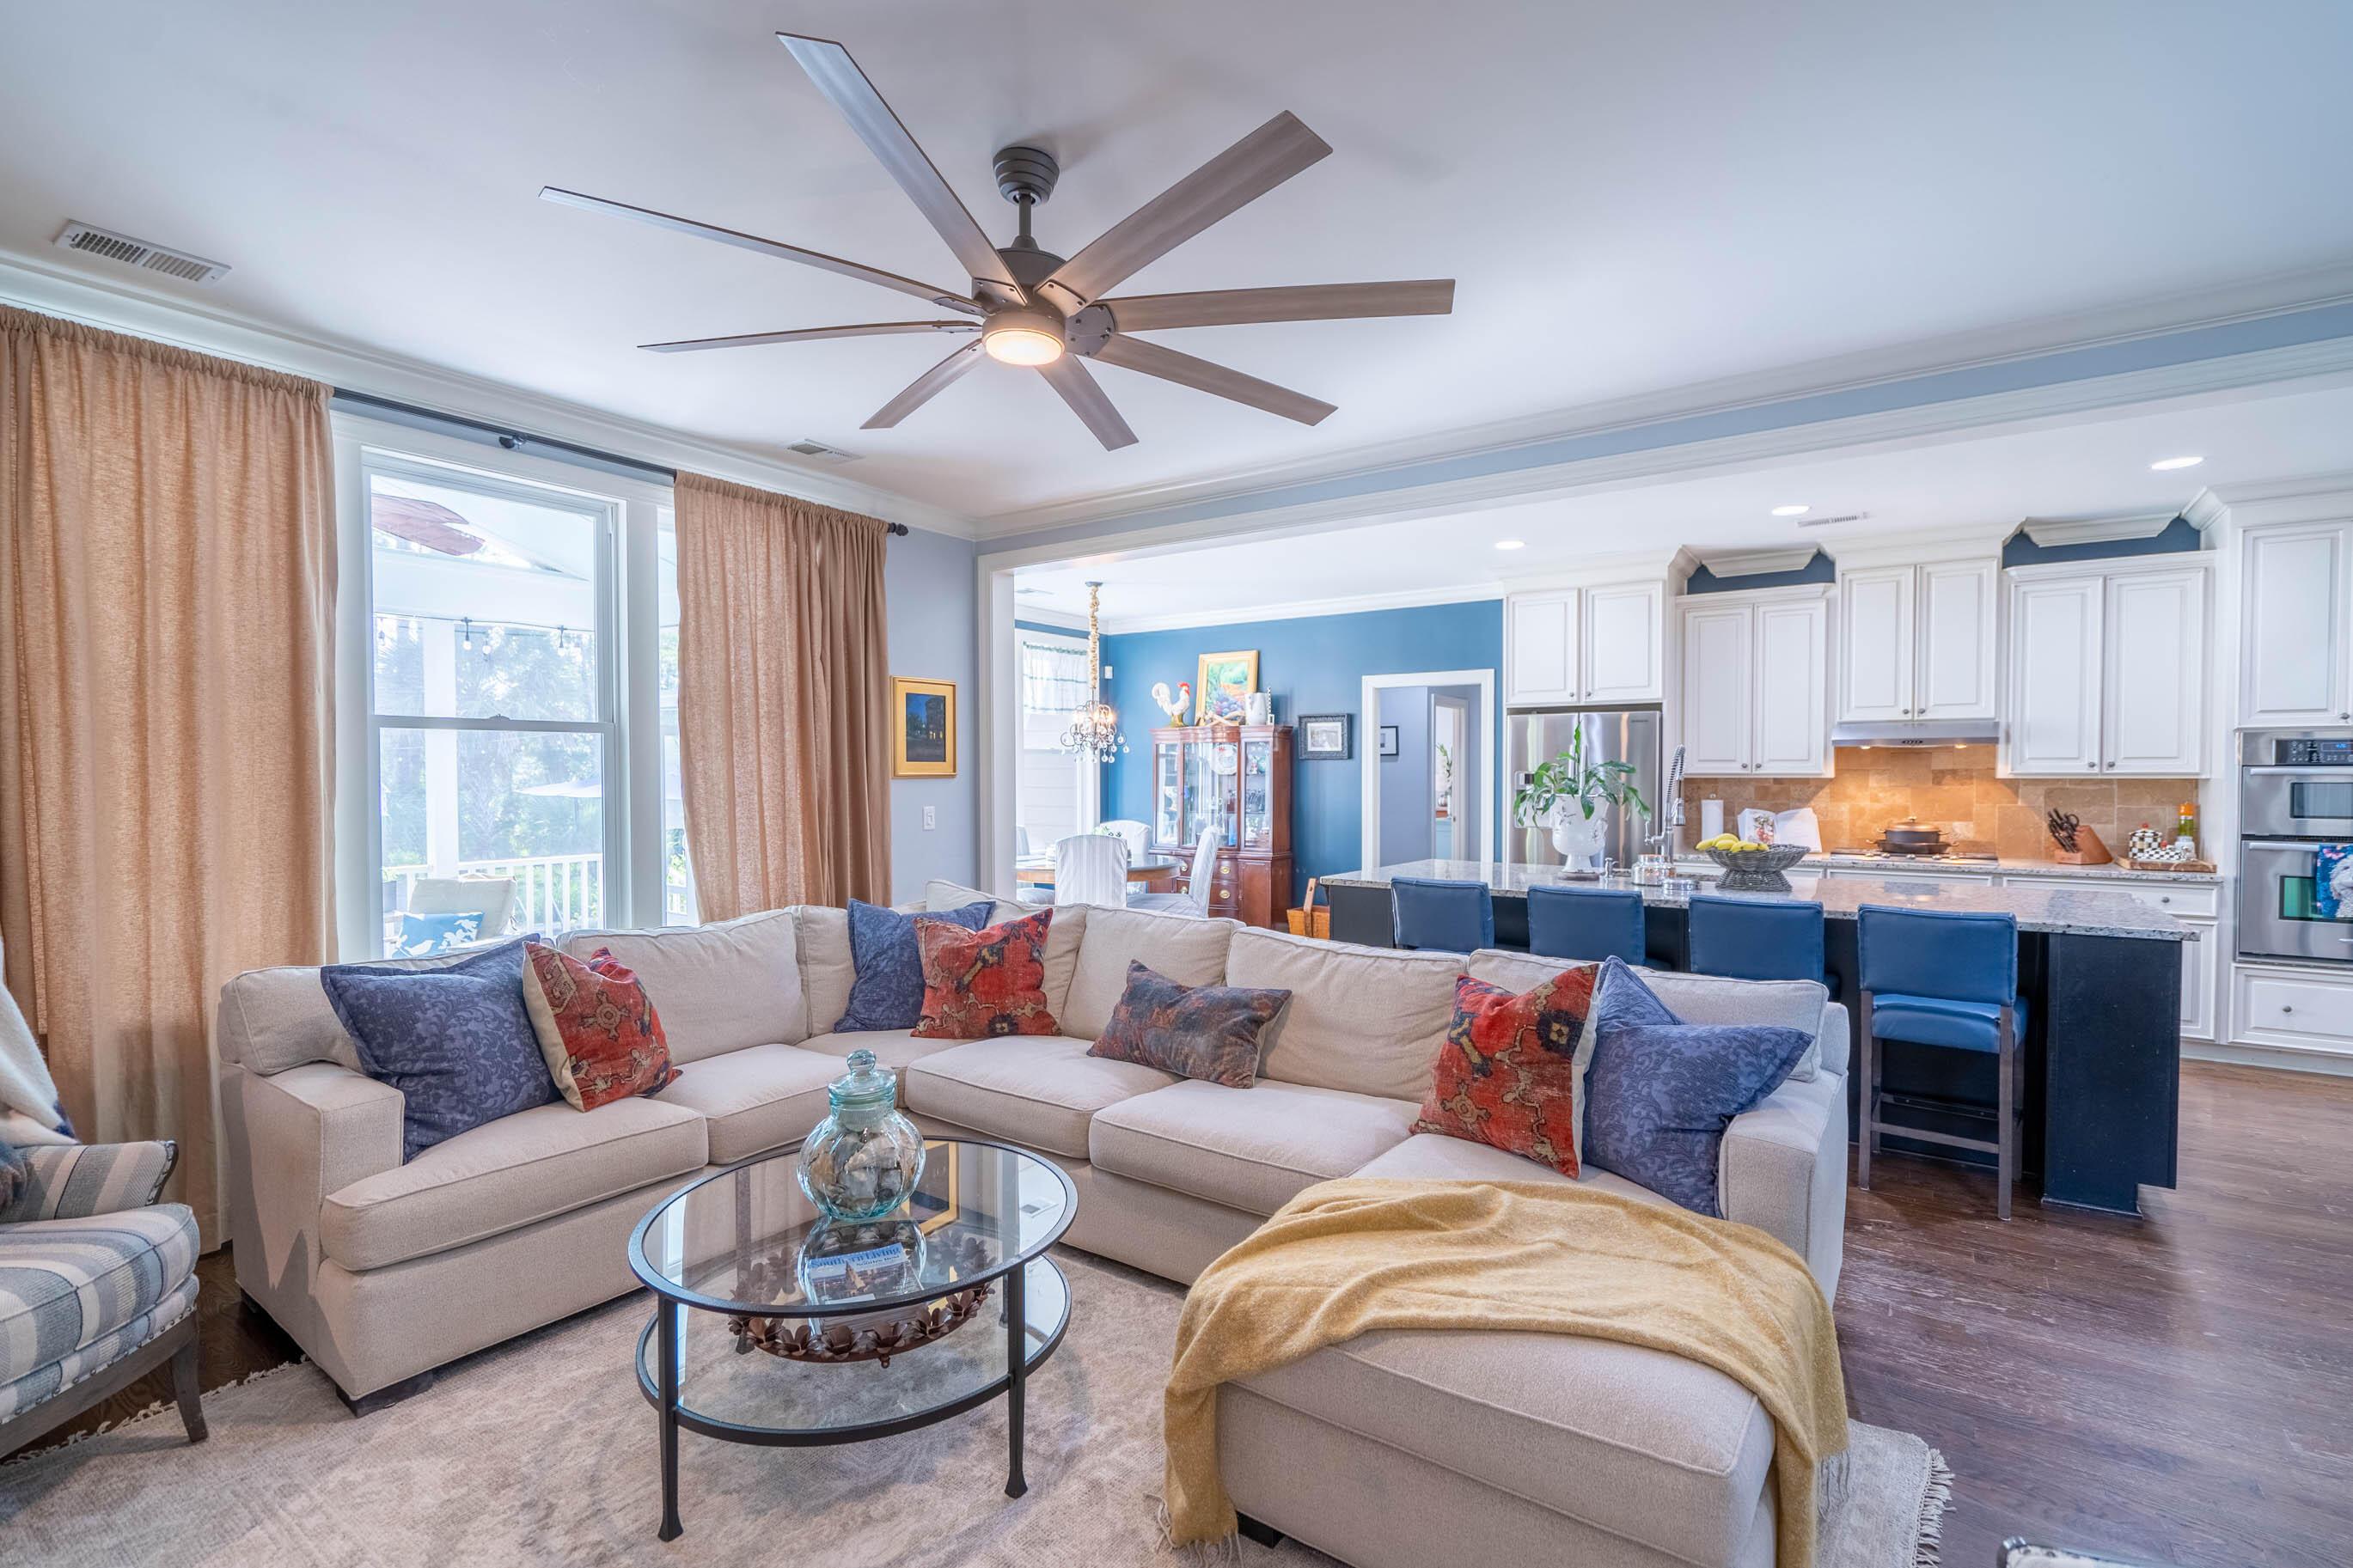 Dunes West Homes For Sale - 2997 Sturbridge, Mount Pleasant, SC - 4